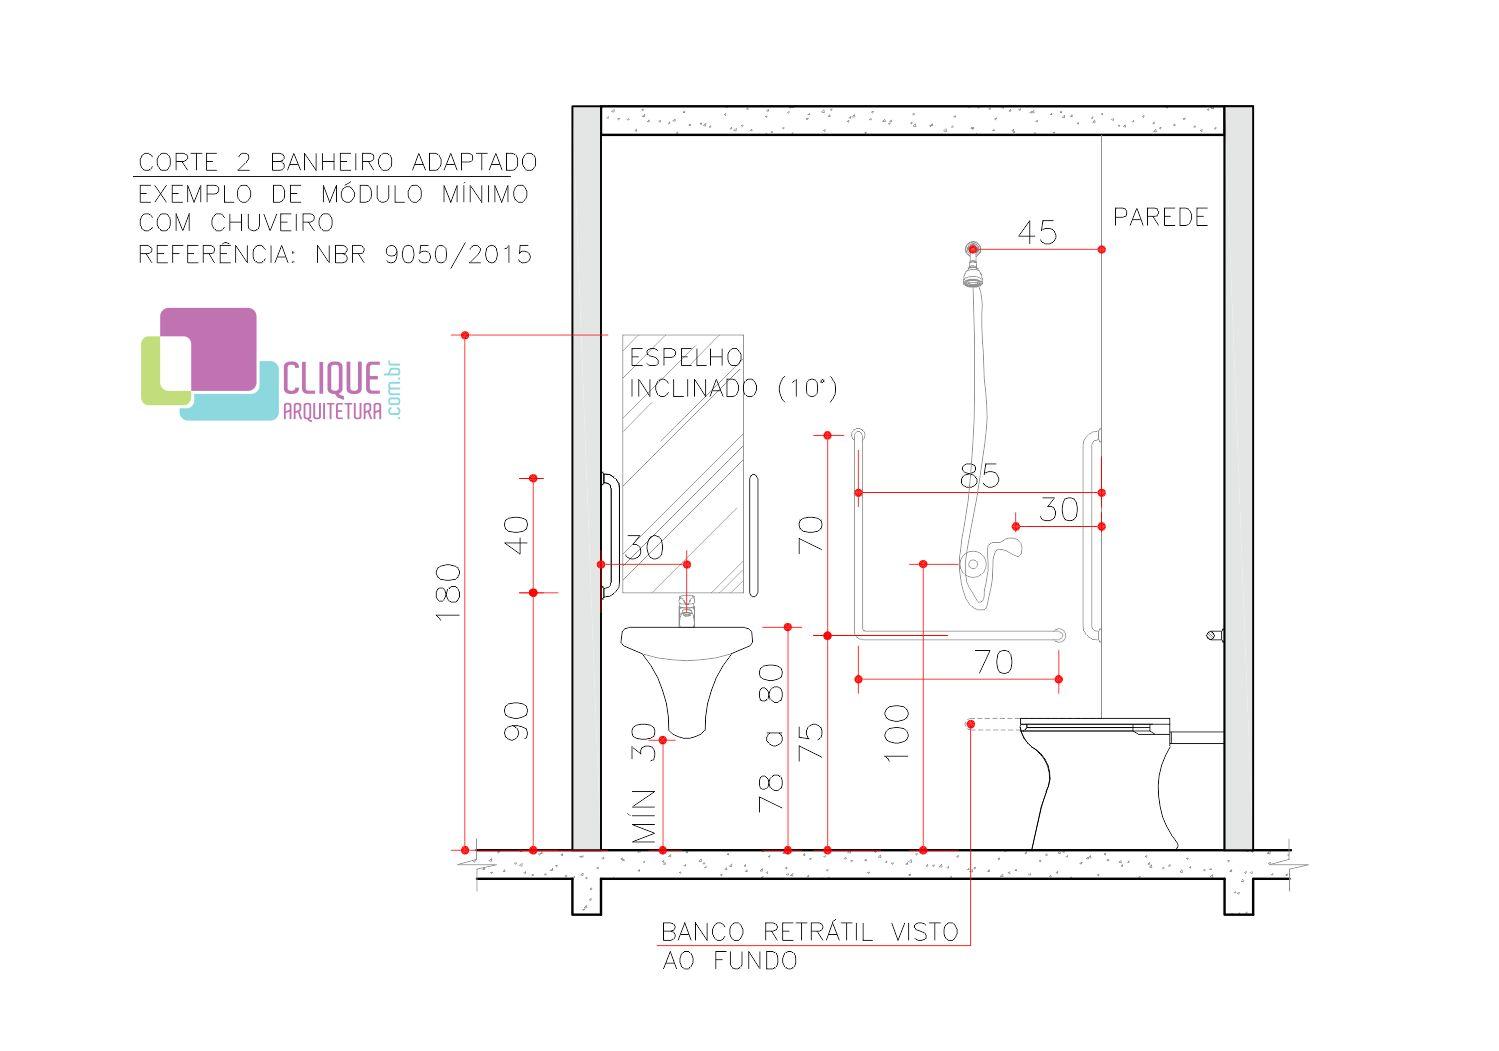 mínimas e indicadas para itens em um banheiro acessível com chuveiro  #B91214 1499x1051 Banheiro Adaptado Com Chuveiro